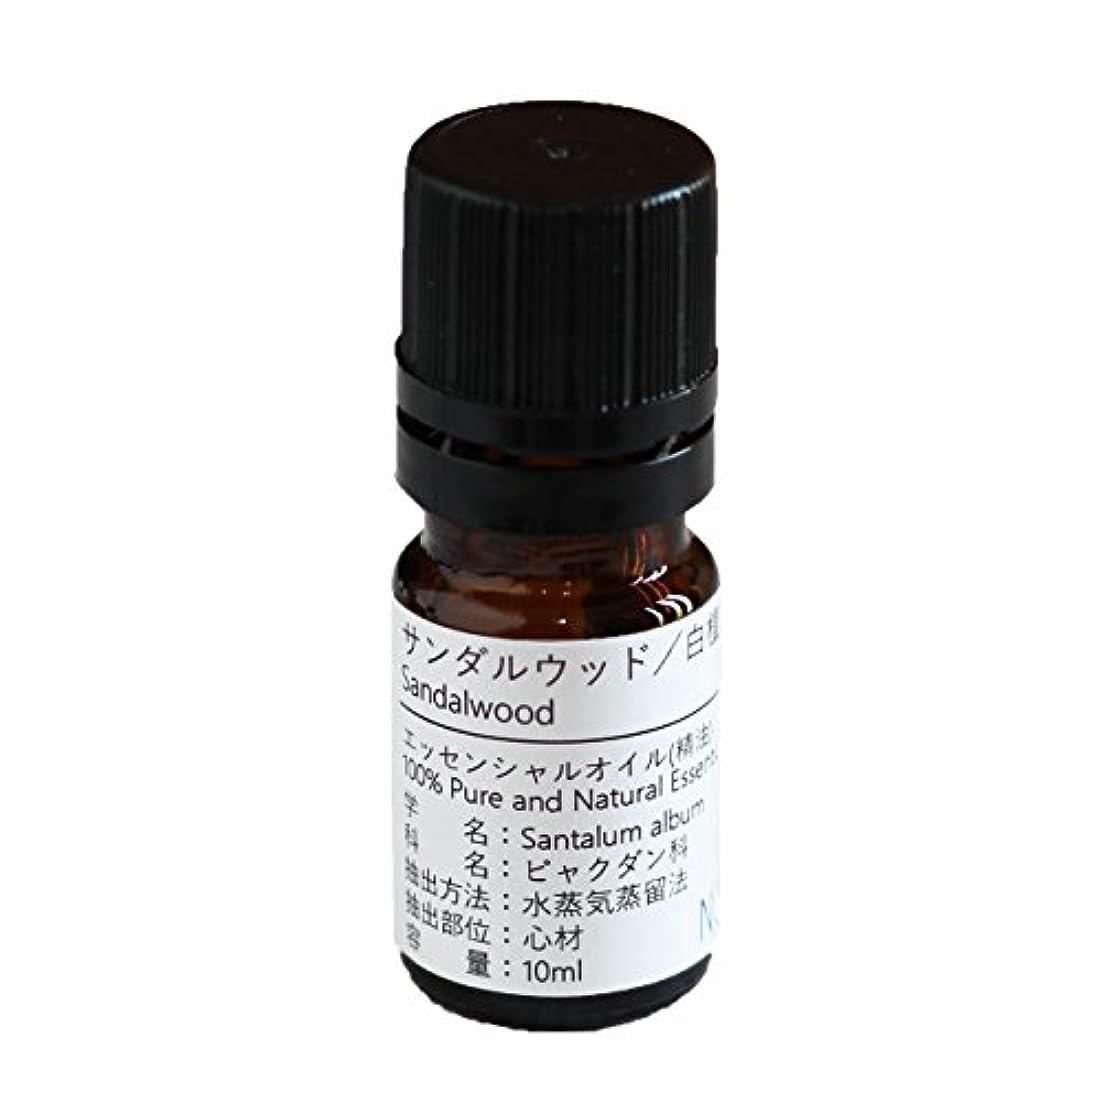 代わりの重要な違うNatural蒼 サンダルウッド インドネシア産/エッセンシャルオイル 精油天然100% (5ml)